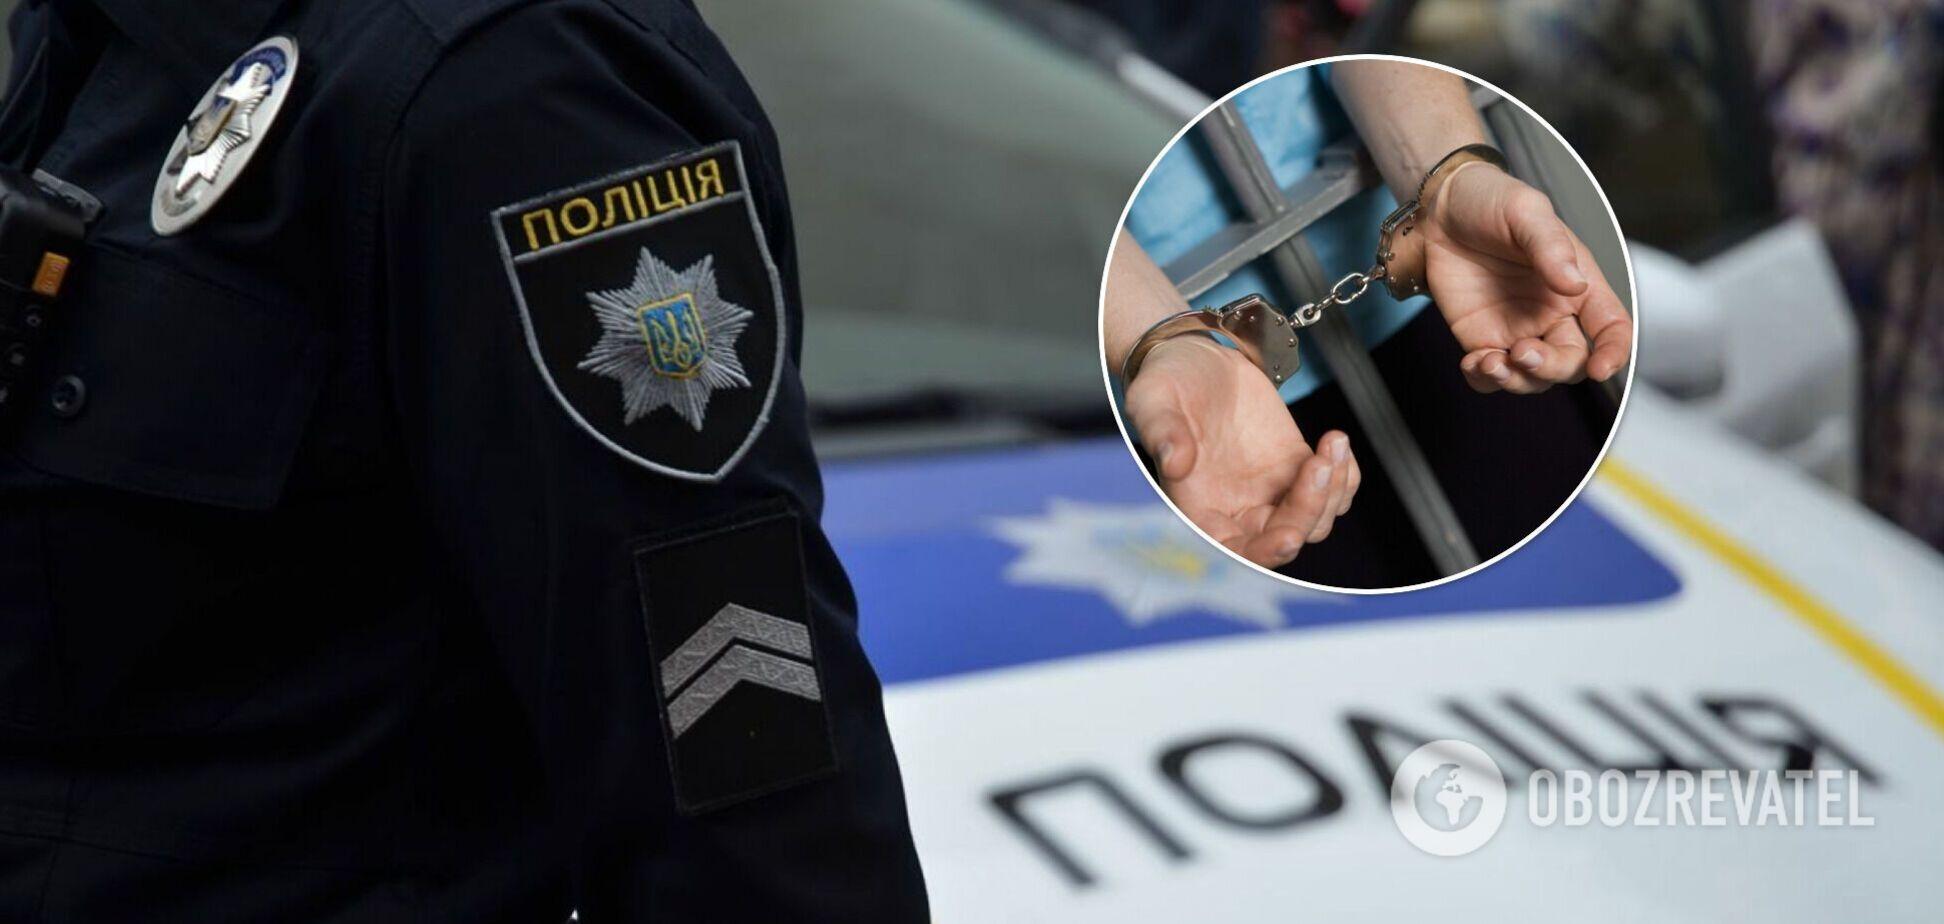 В Украине предотвратили заказное убийство бизнесмена из Сербии. Фото